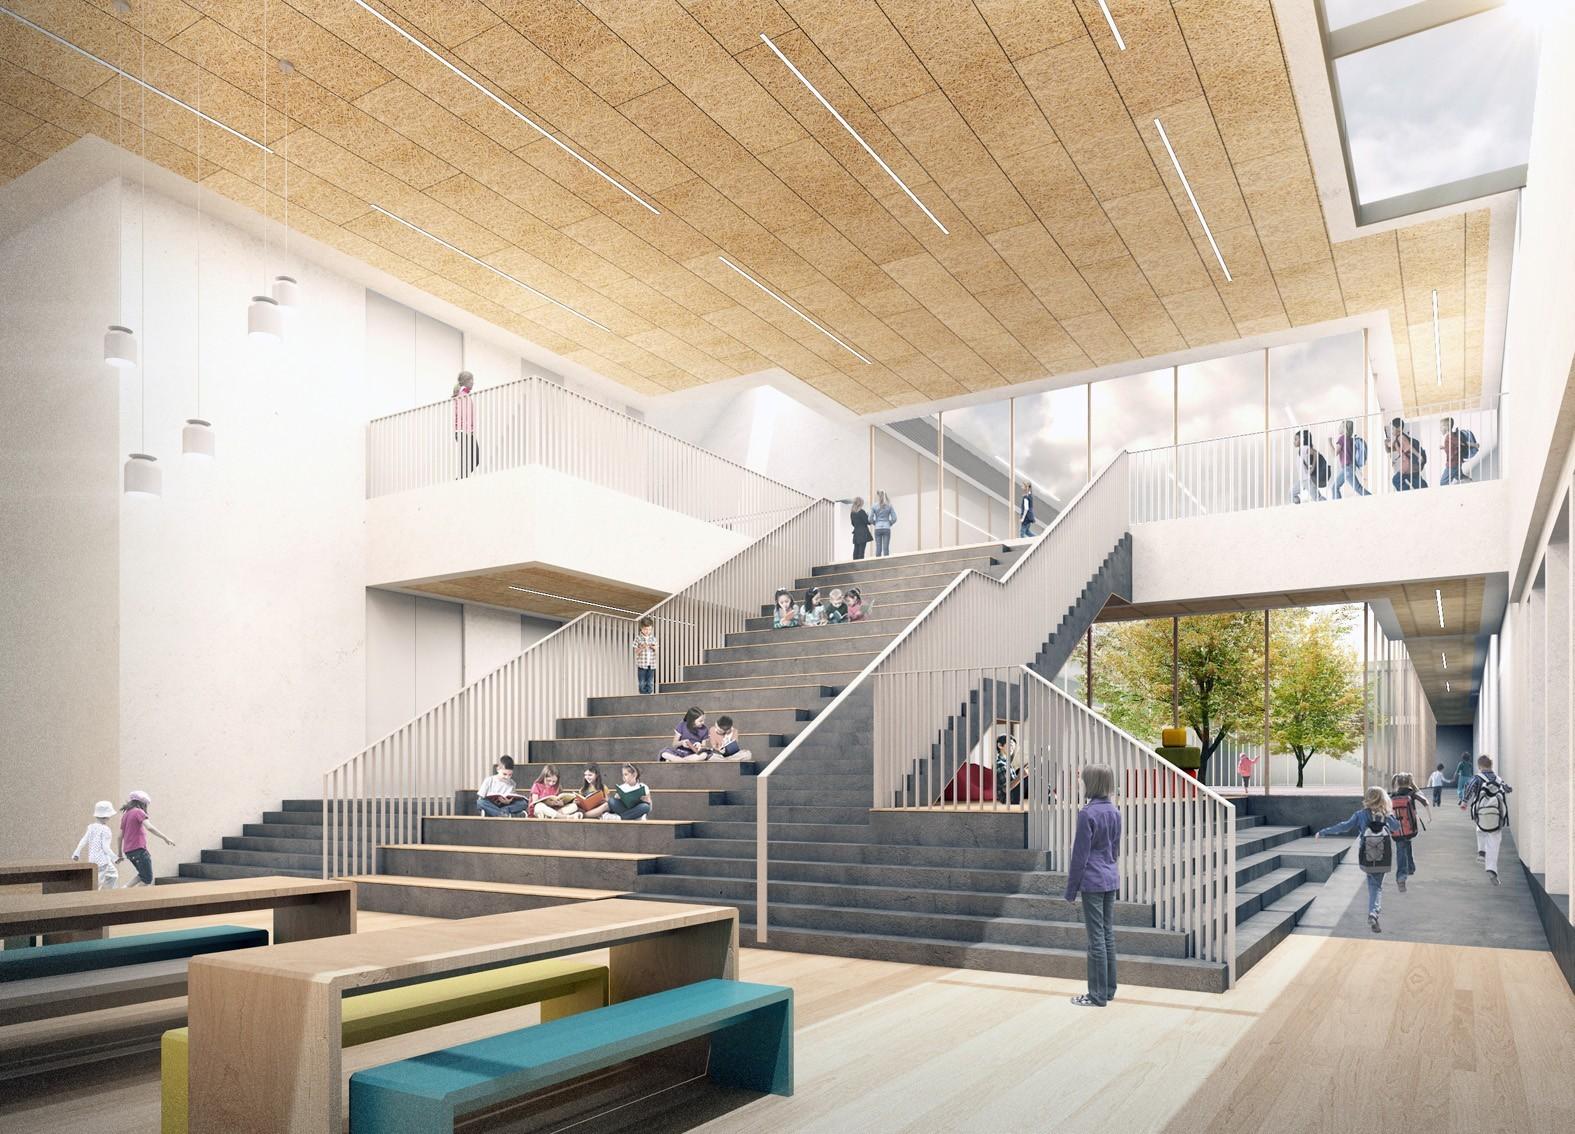 How the new Linkwood School in Elgin will look.